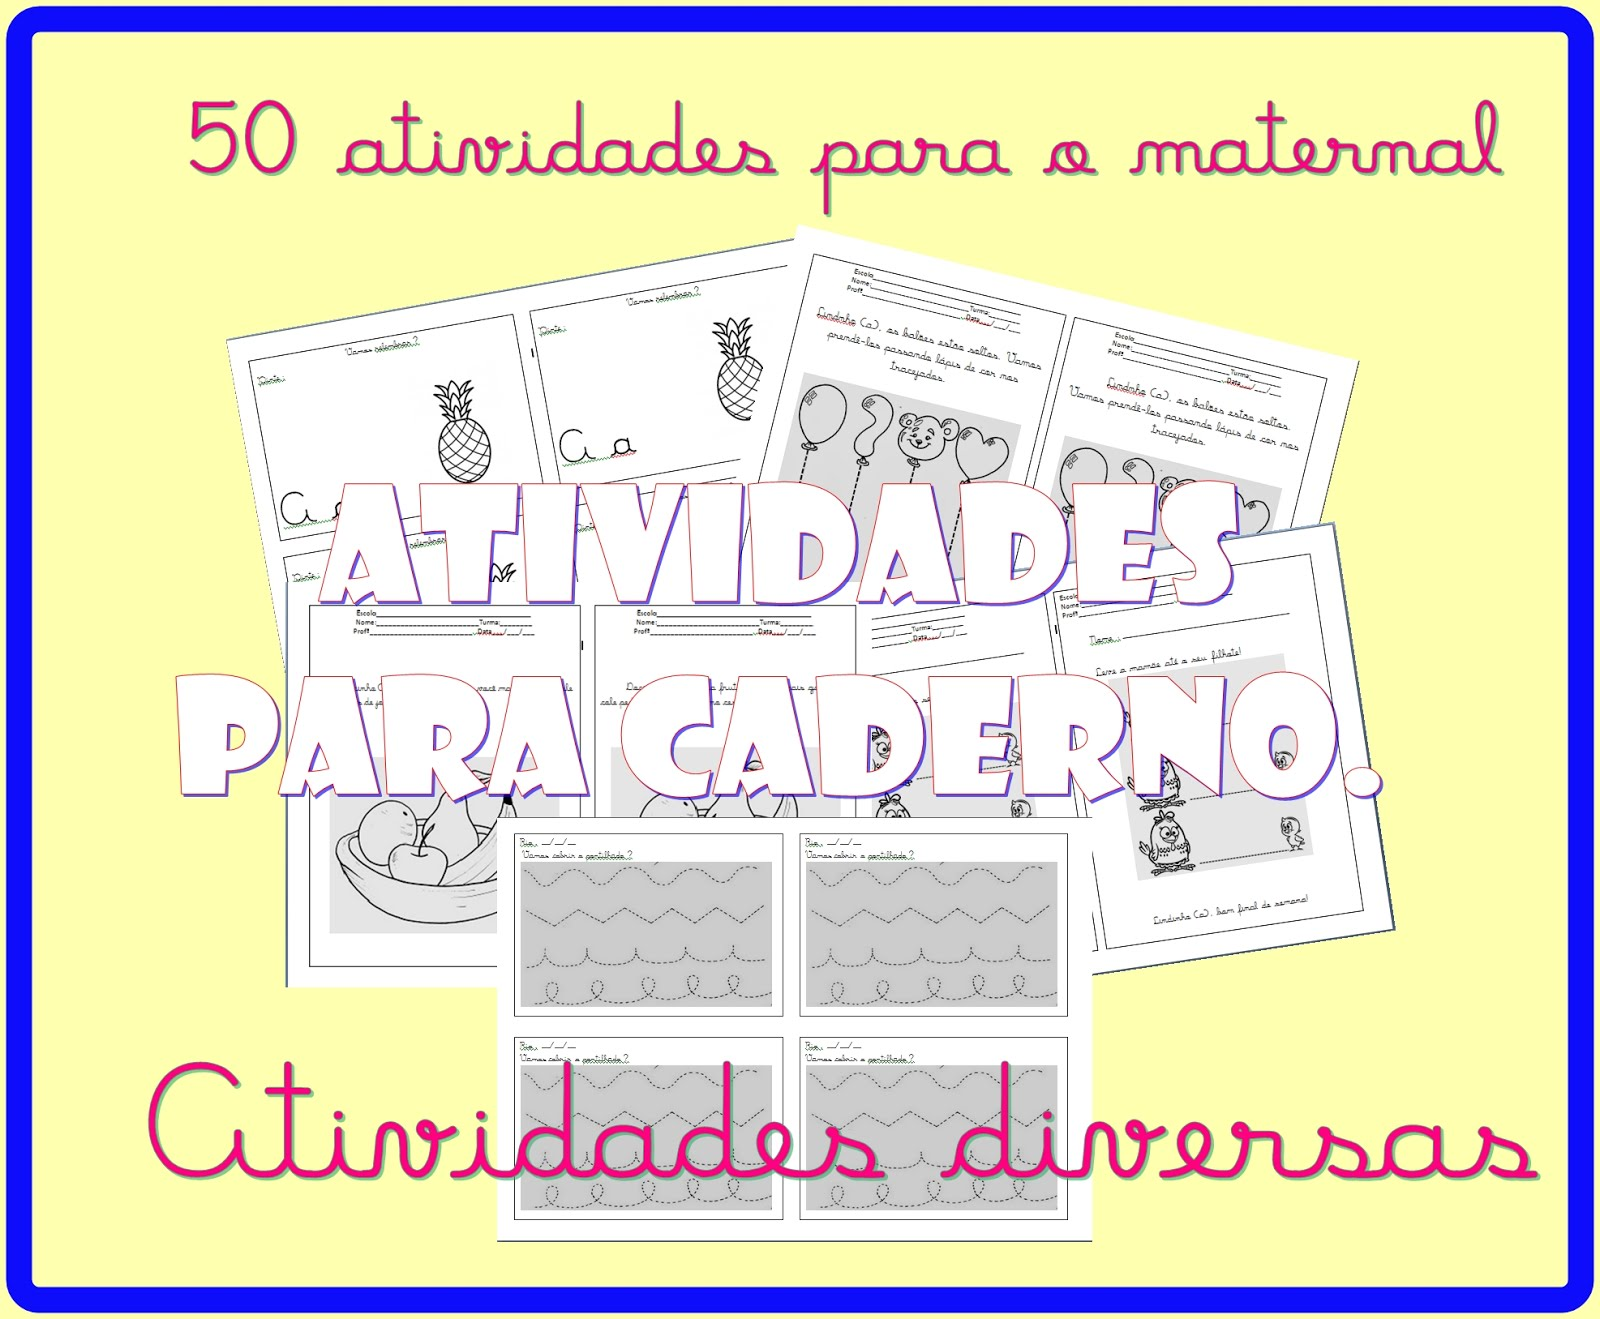 50 atividades prontas para imprimir.